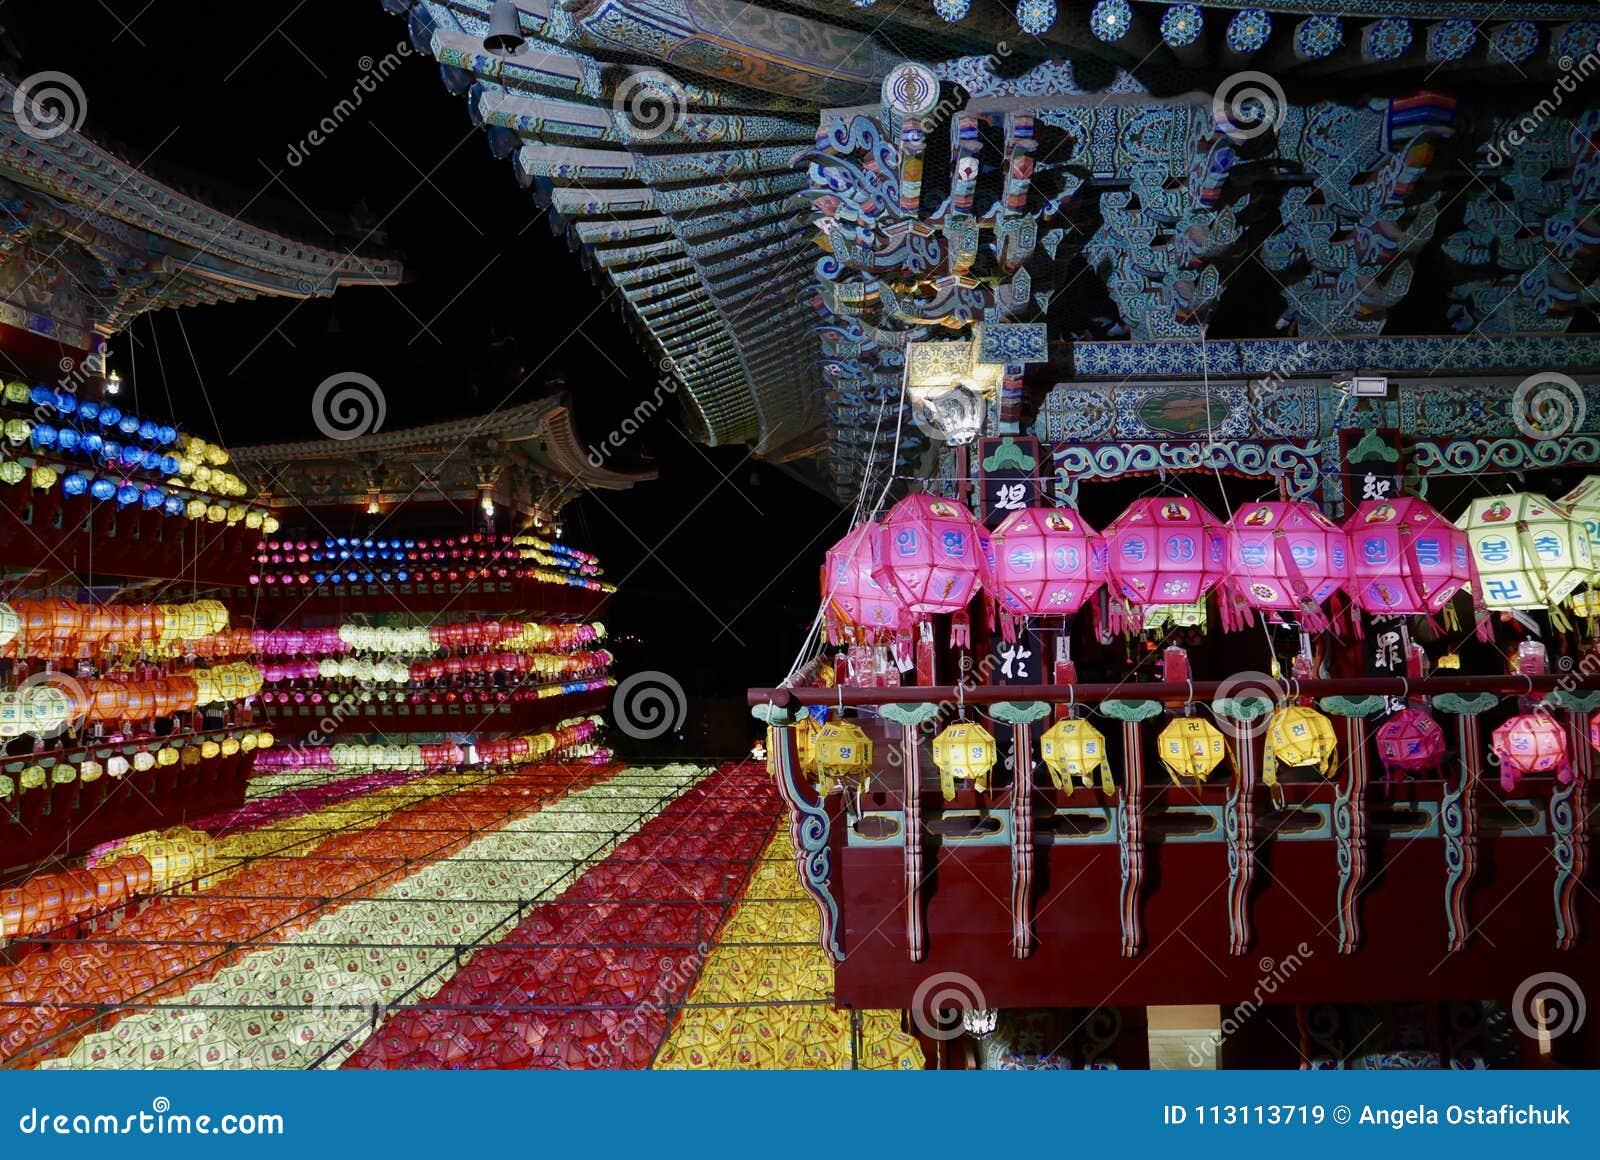 釜山,韩国5月4日2017年:用灯笼装饰的Samgwangsa寺庙